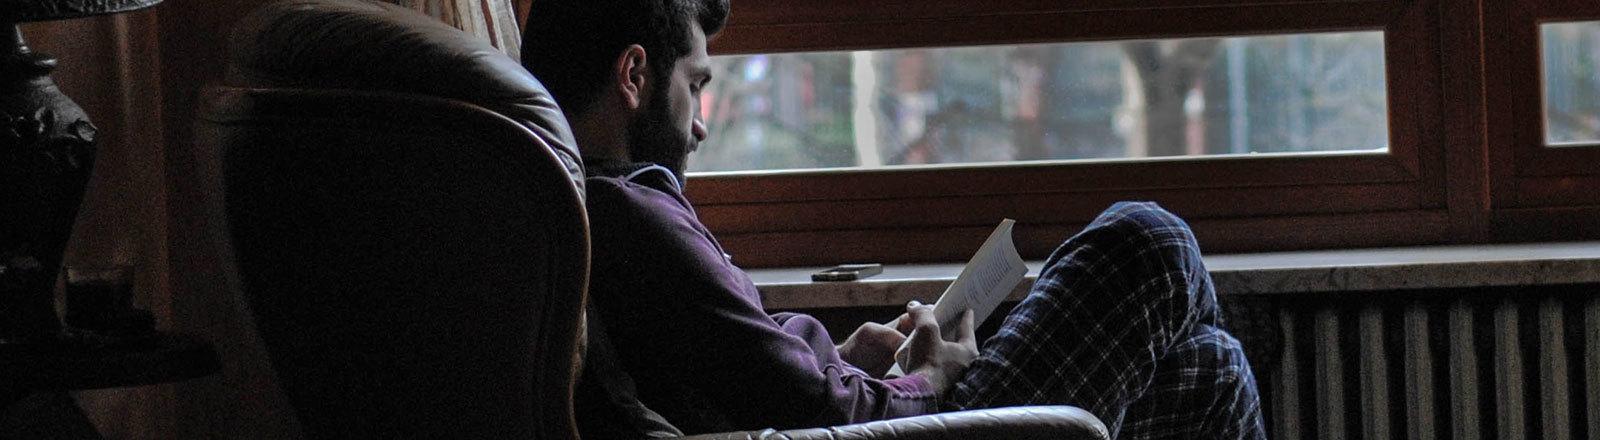 Ein Mann sitzt auf einem Sessel vor dem Fenster, er liest.